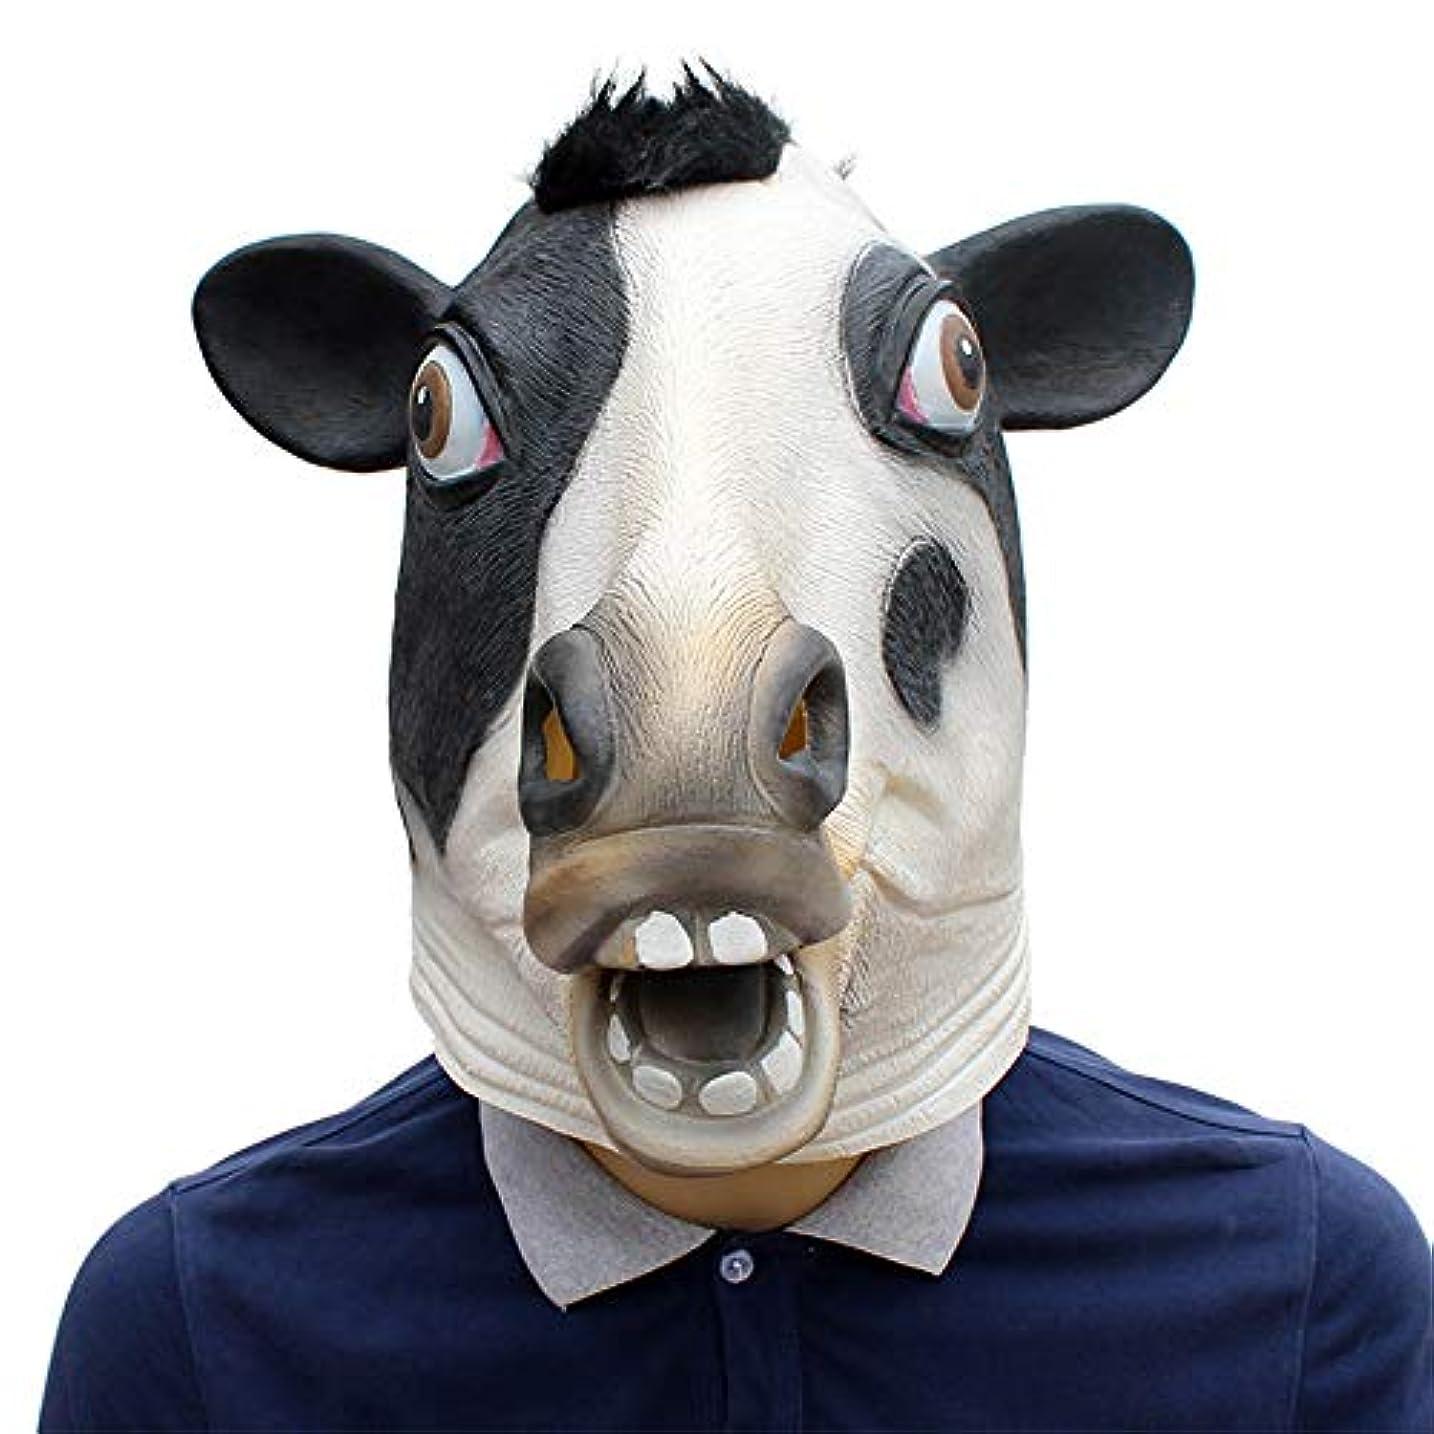 塩辛いアストロラーベ戸棚ヘッドギアハロウィンフェスティバルパーティー用品動物牛マスクヘッドギアラテックスマスクプロムの小道具に適したバーレスクパーティーギャングバー